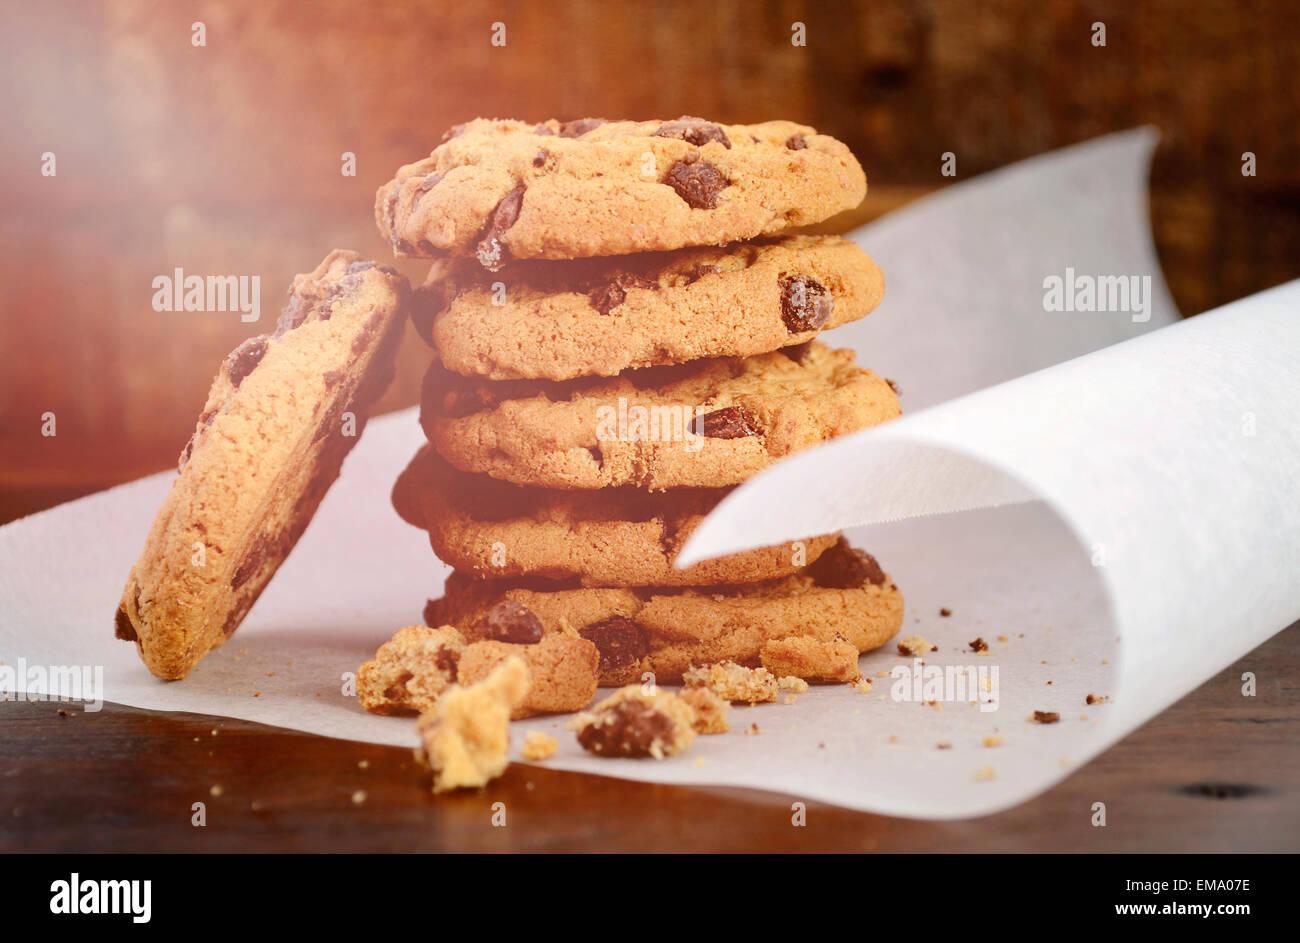 Pile de cookies aux pépites de chocolat sur du papier sulfurisé curling blanc contre un fond en bois sombre, Photo Stock